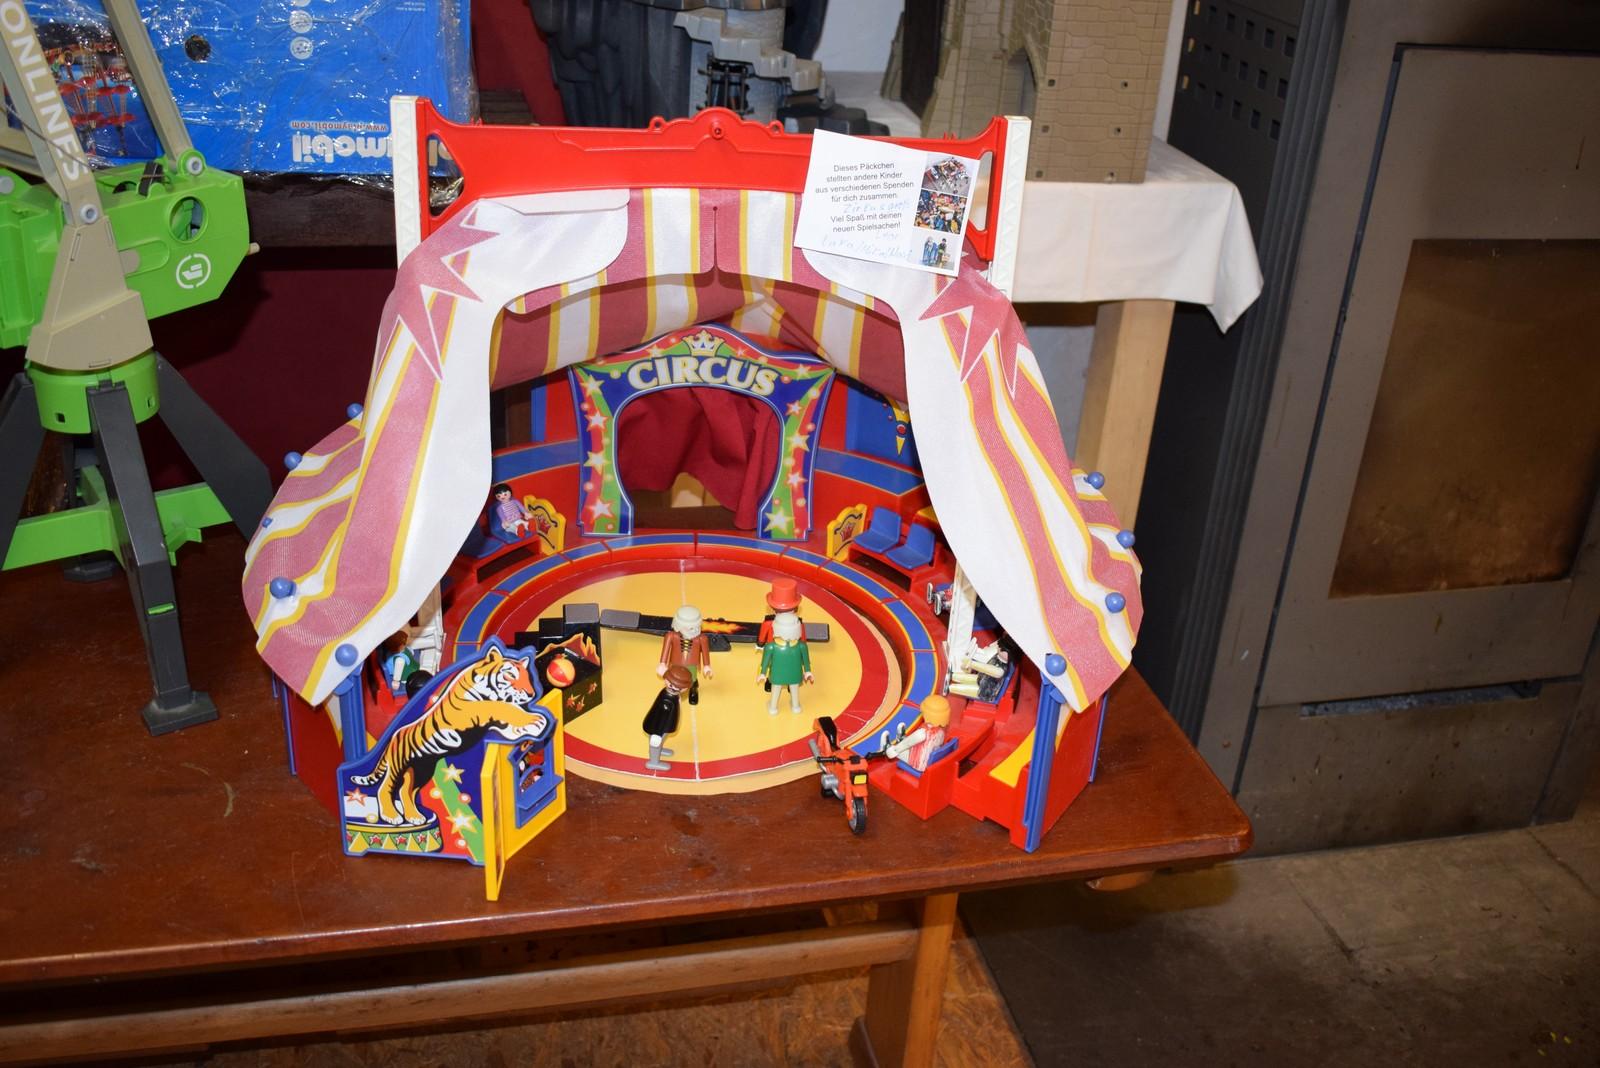 Dieses Zirkuszelt beispielsweise stellten die Mädchen und Jungen im Rahmen der diesjährigen Mettinger Ferienspaßaktion in der Hobo-Station zusammen.